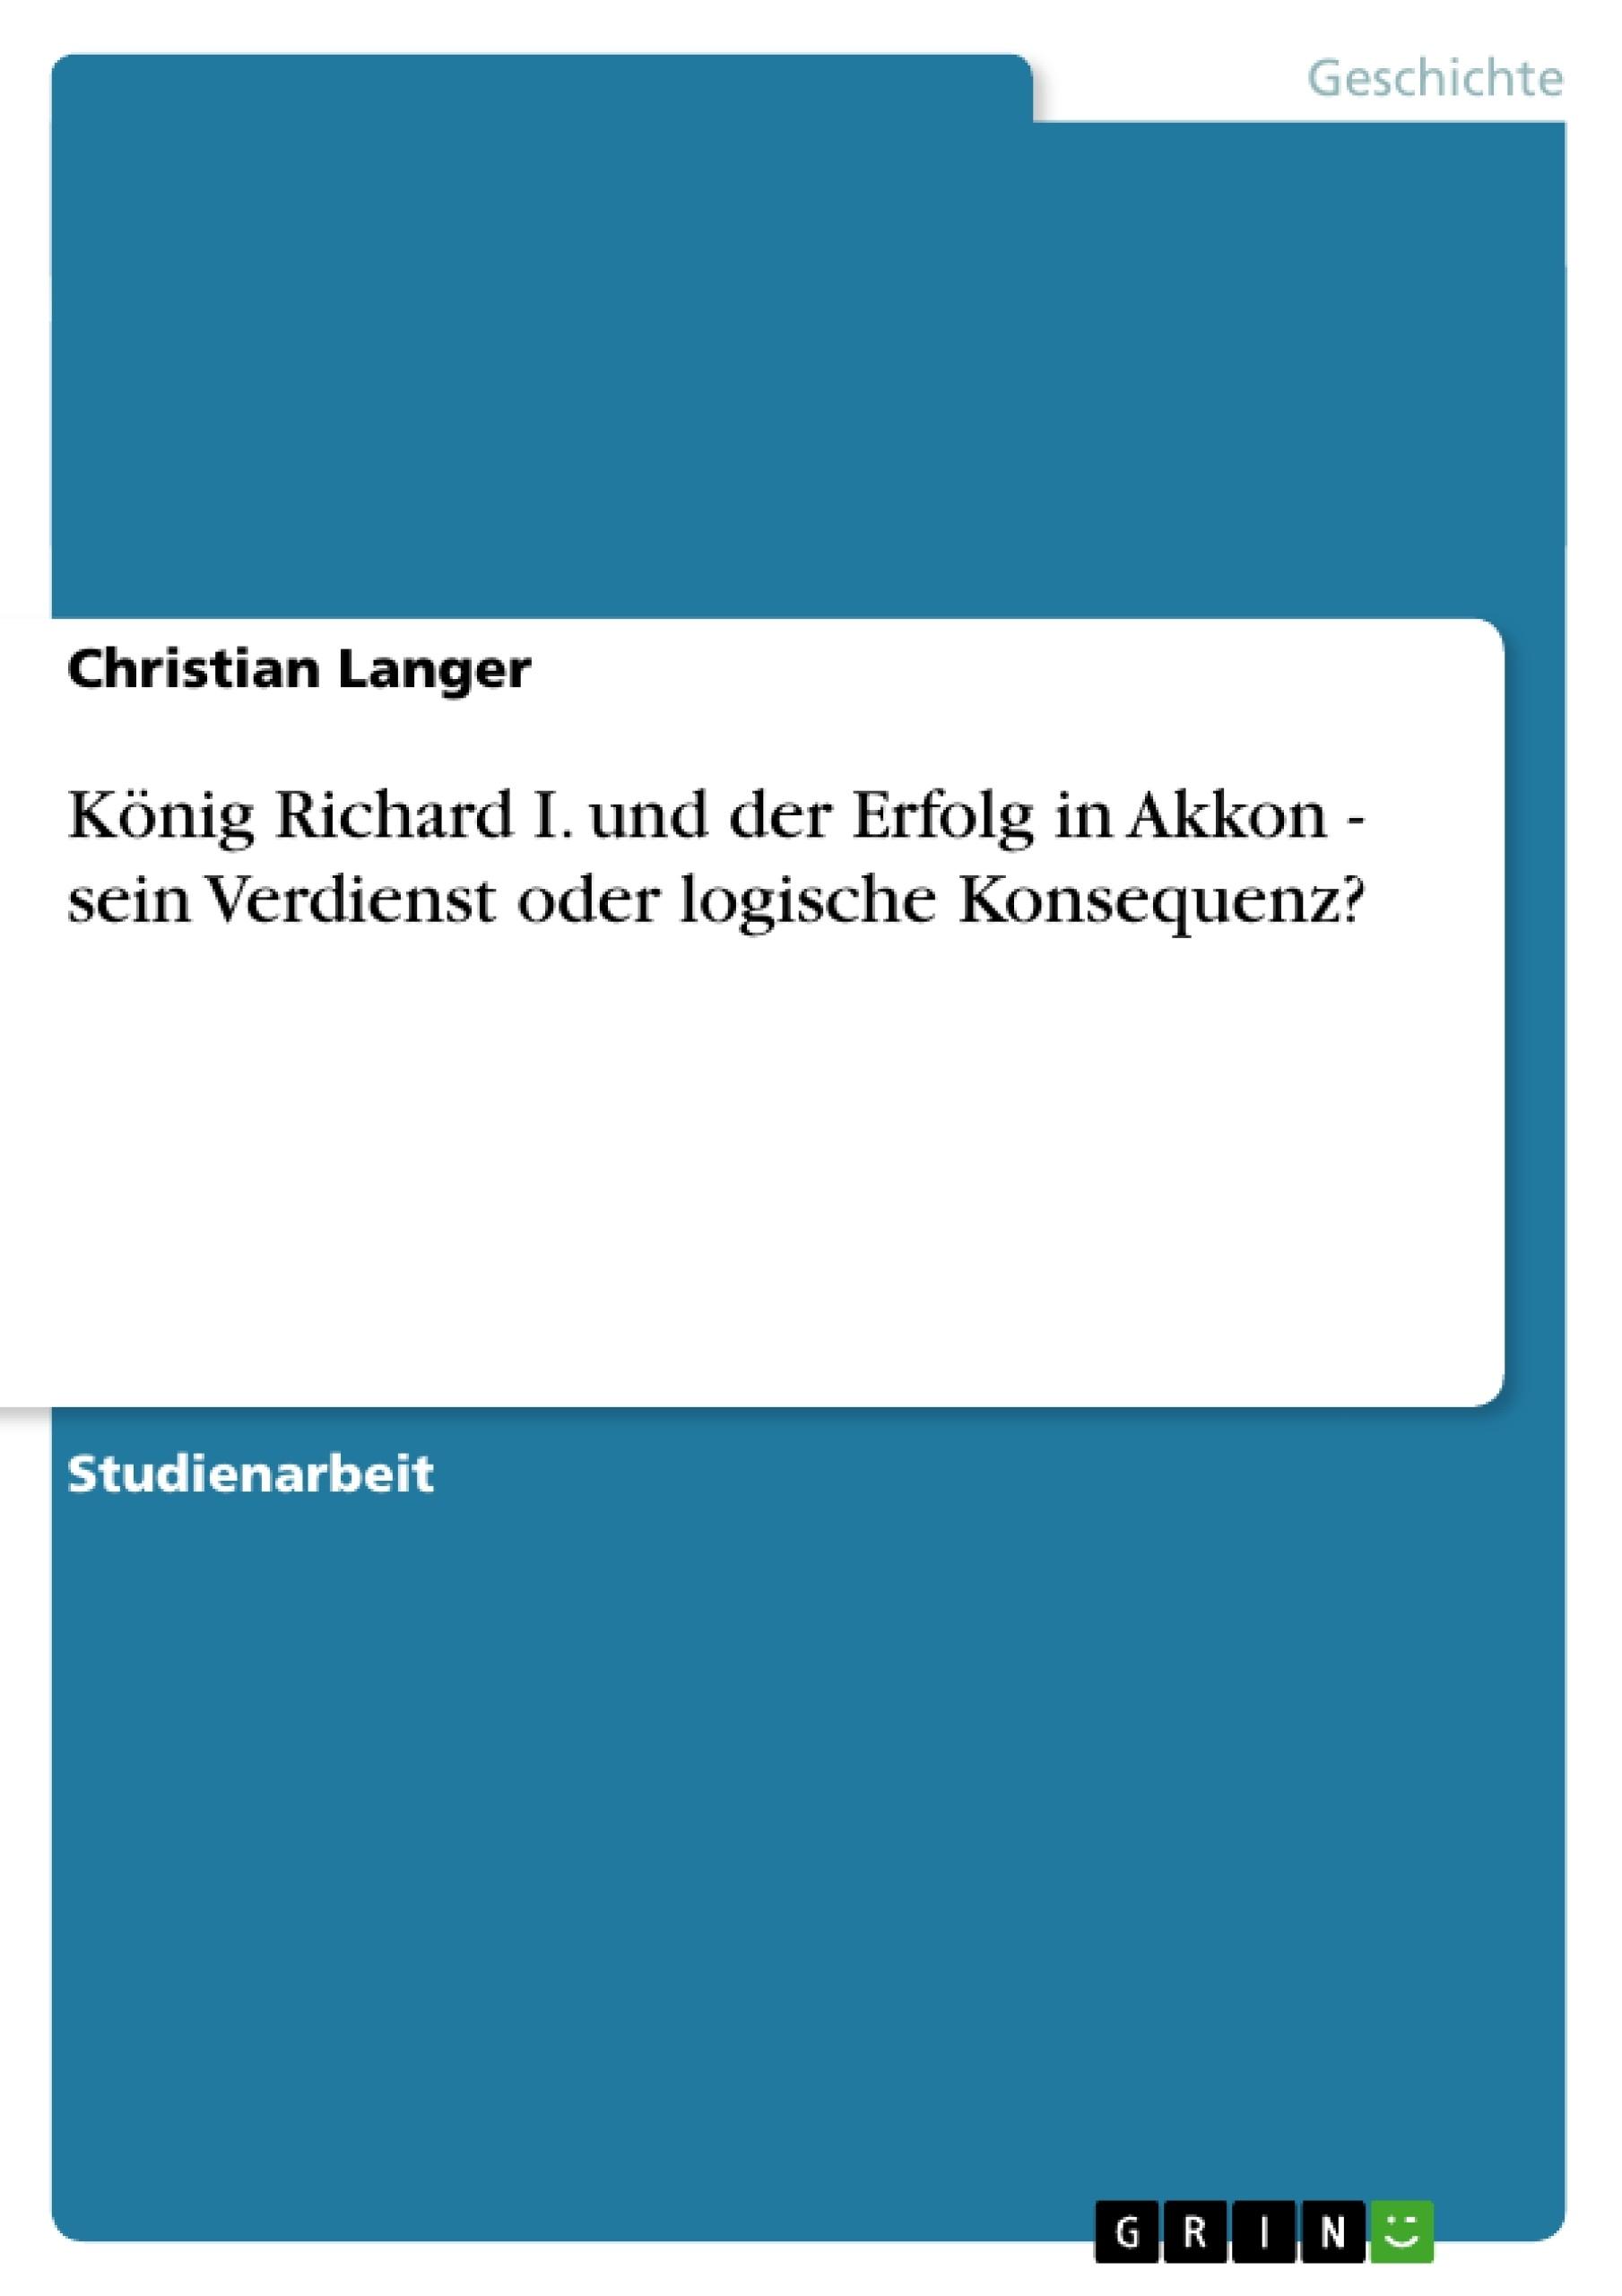 Titel: König Richard I. und der Erfolg in Akkon - sein Verdienst oder logische Konsequenz?